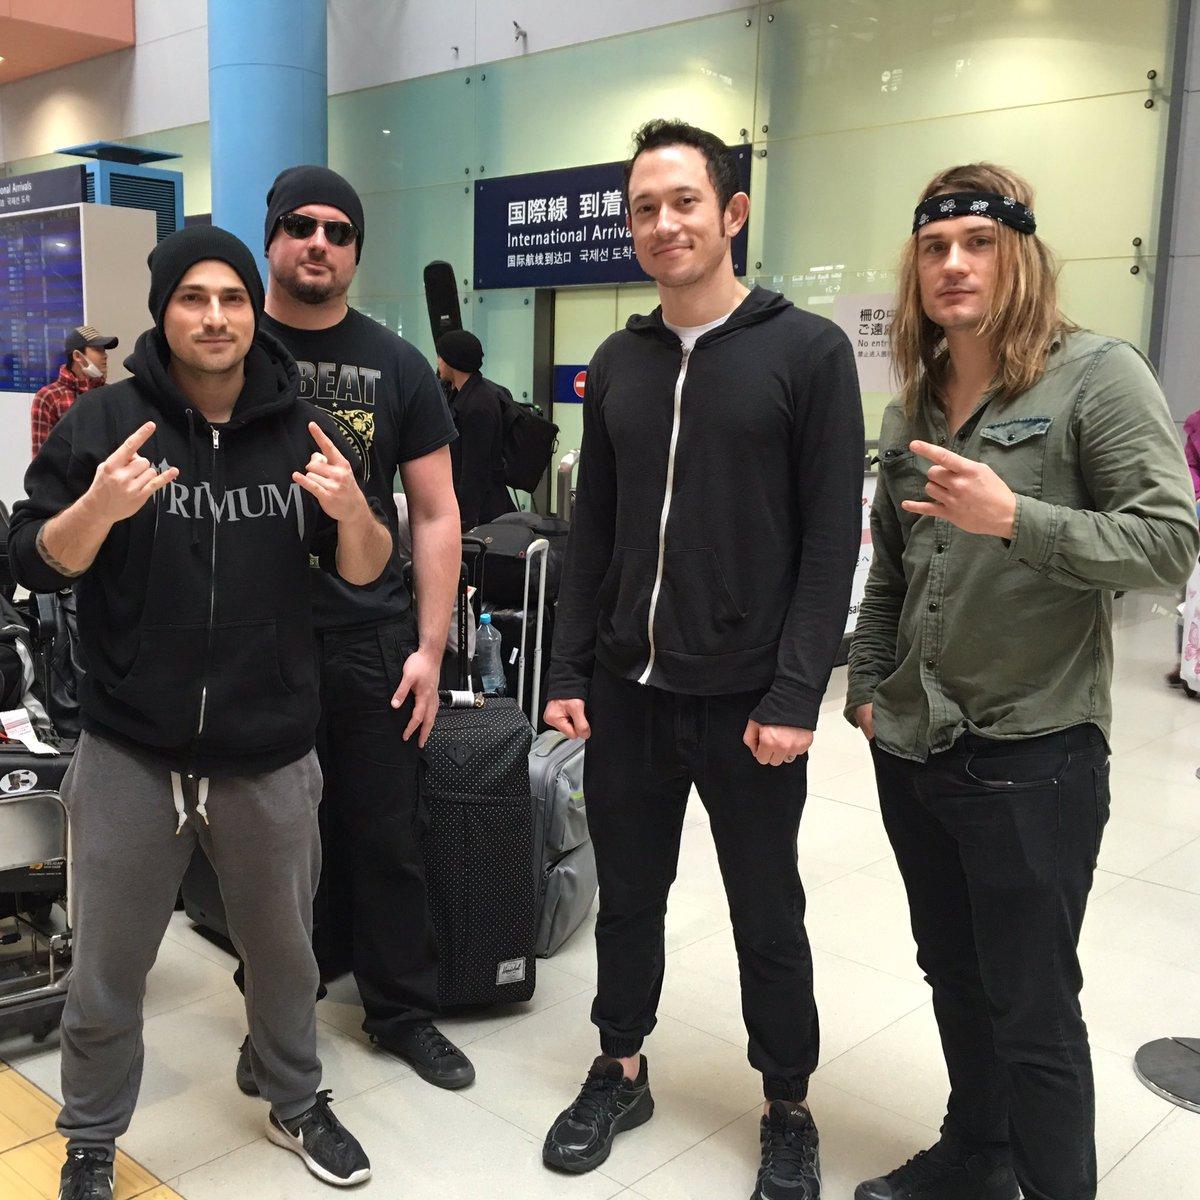 トリヴィアム一行、UKからの長旅を終えて無事に大阪入りしました。ライブは明日です!@TriviumOfficial have arrived in Osaka!  #TriviumJapan2016 https://t.co/8NKsN5raPa